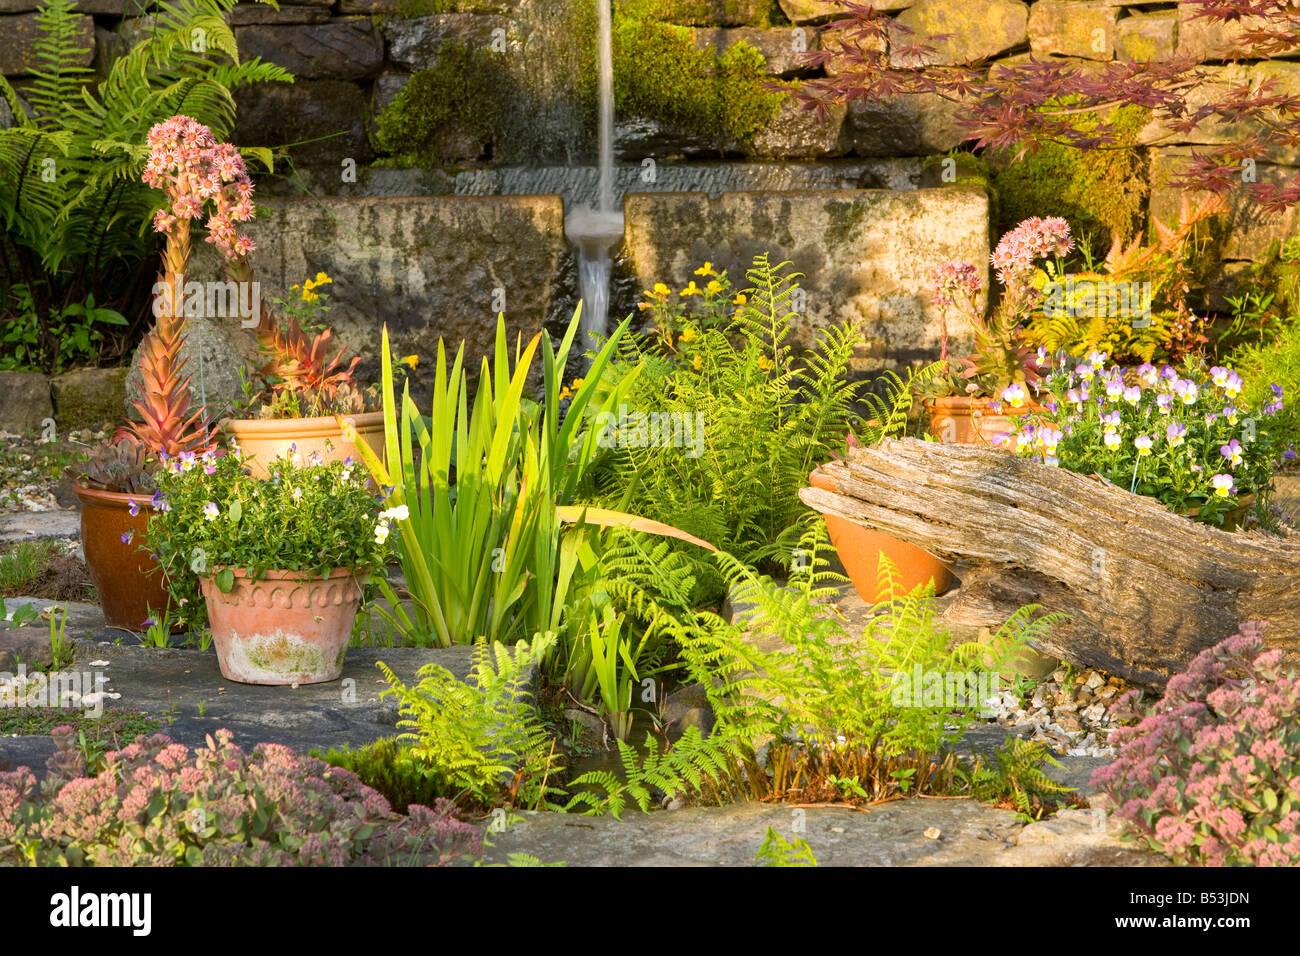 großen Steingarten mit einem Wasserspiel und Farne Stockfoto, Bild ...